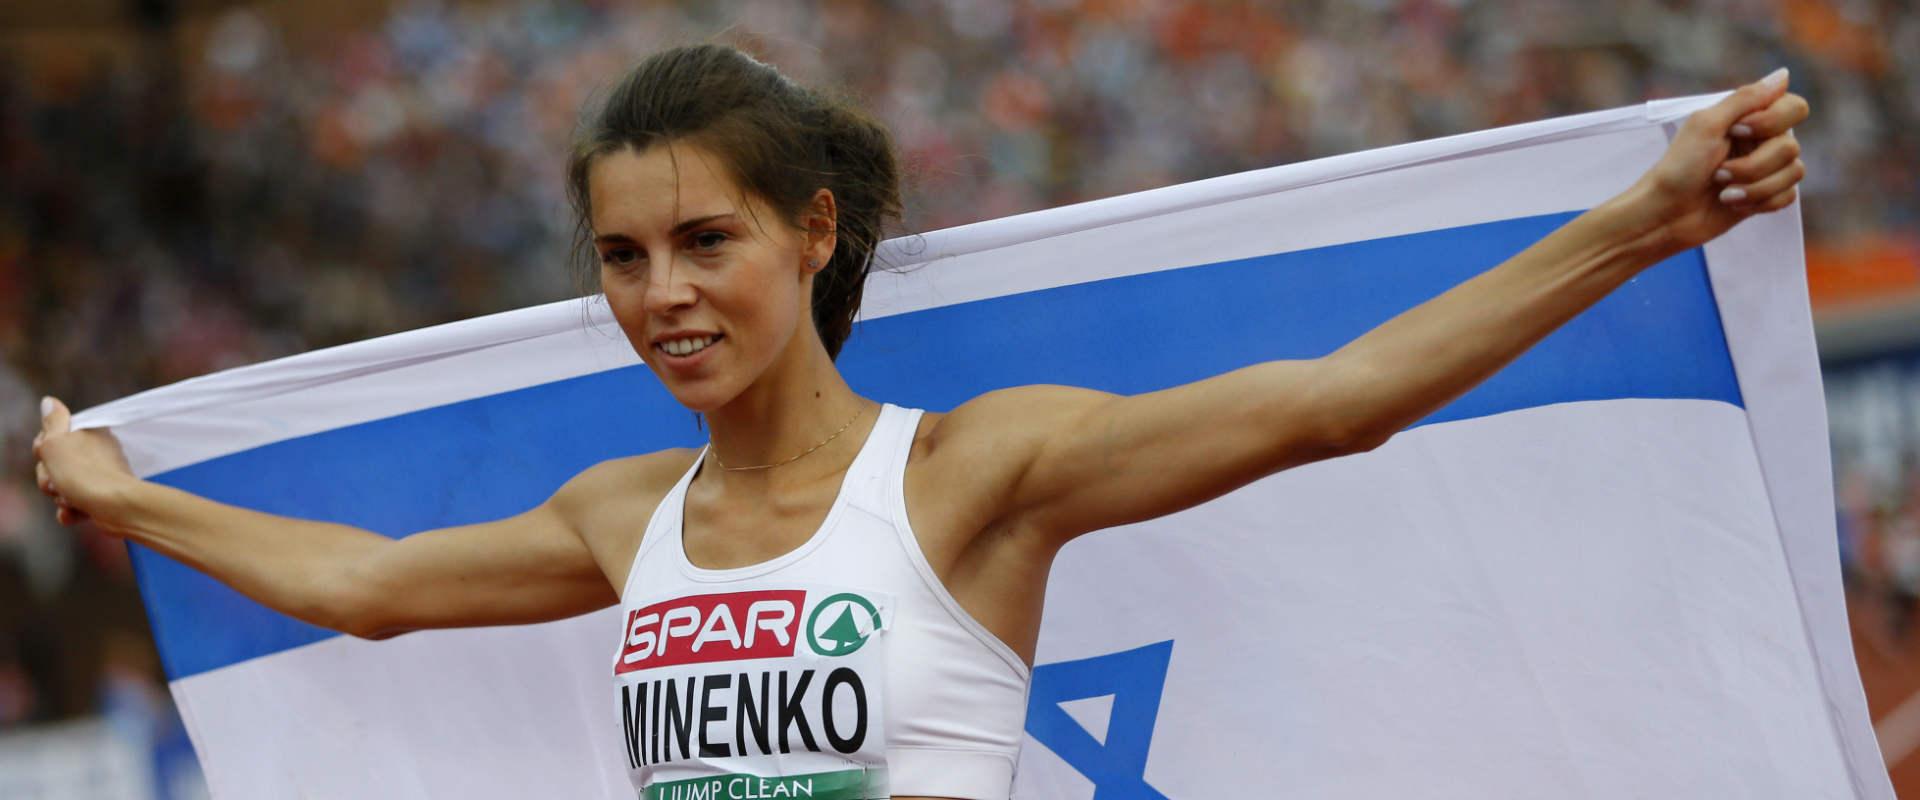 חנה קנייזבה-מיננקו